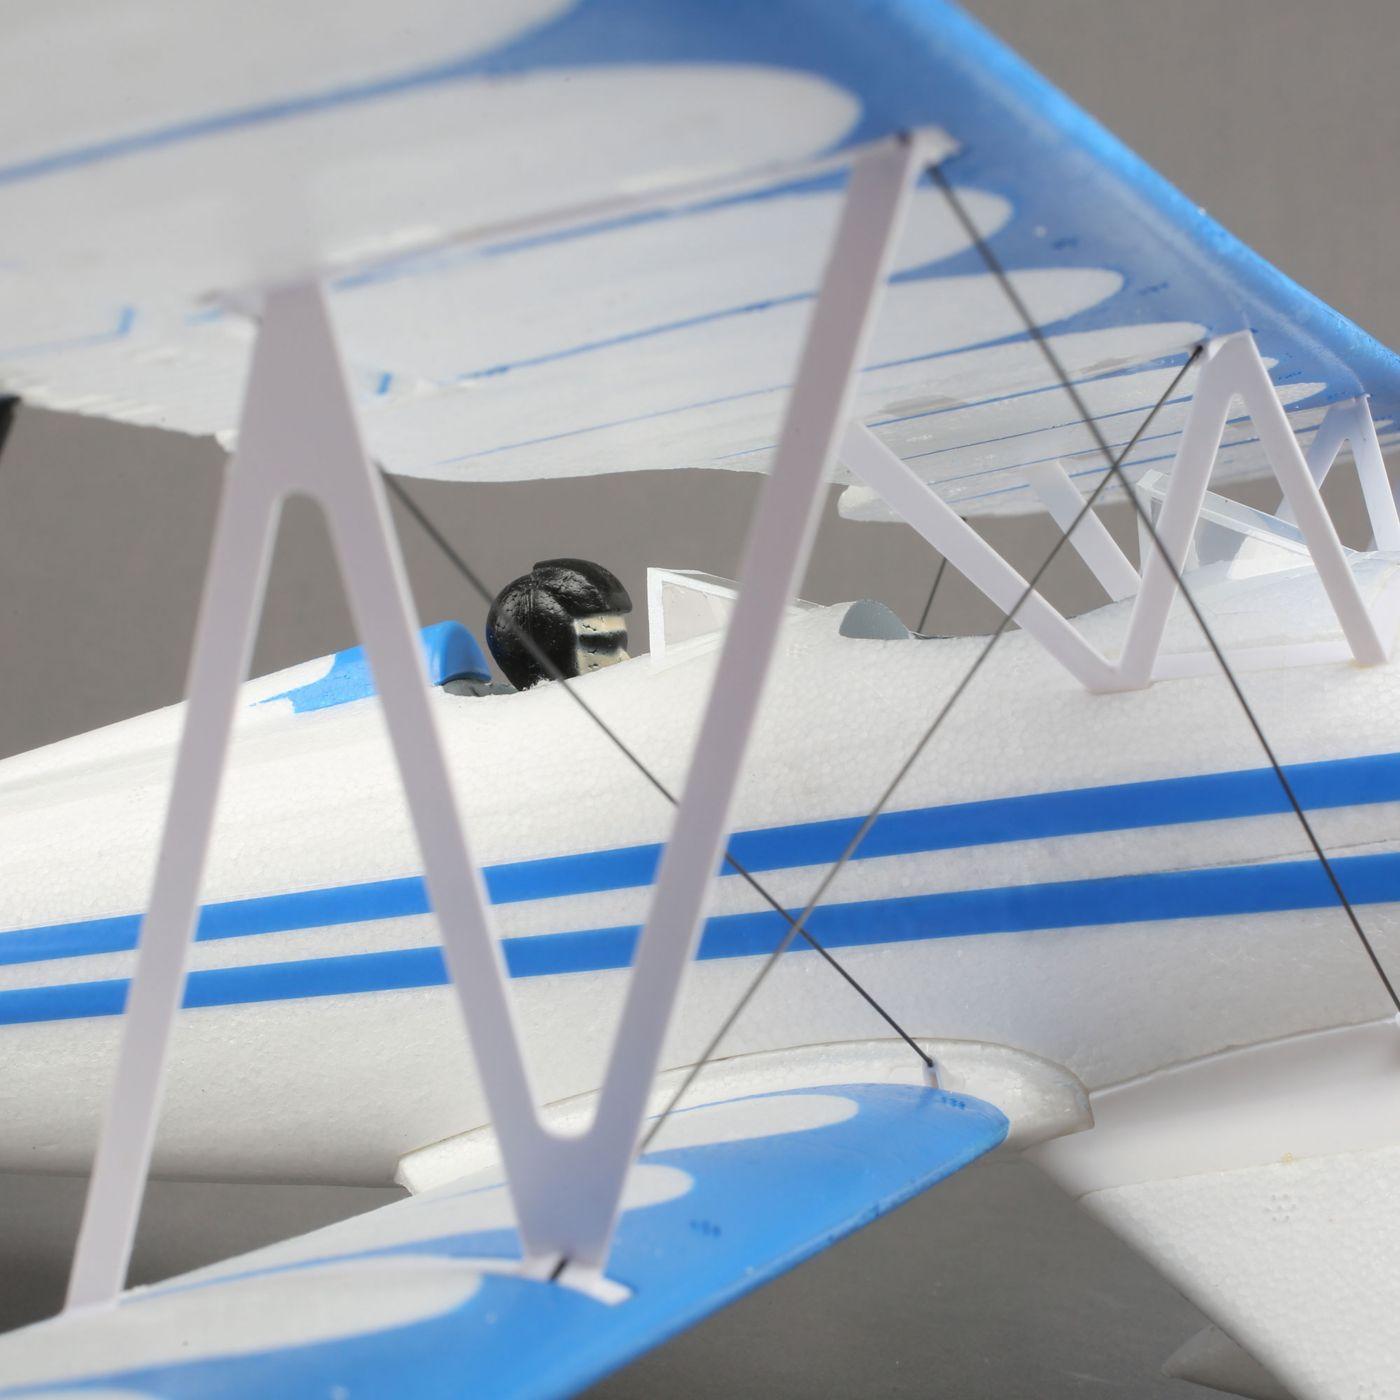 E-flite UMX Waco Biplano BL EDF BNF AS3X 04